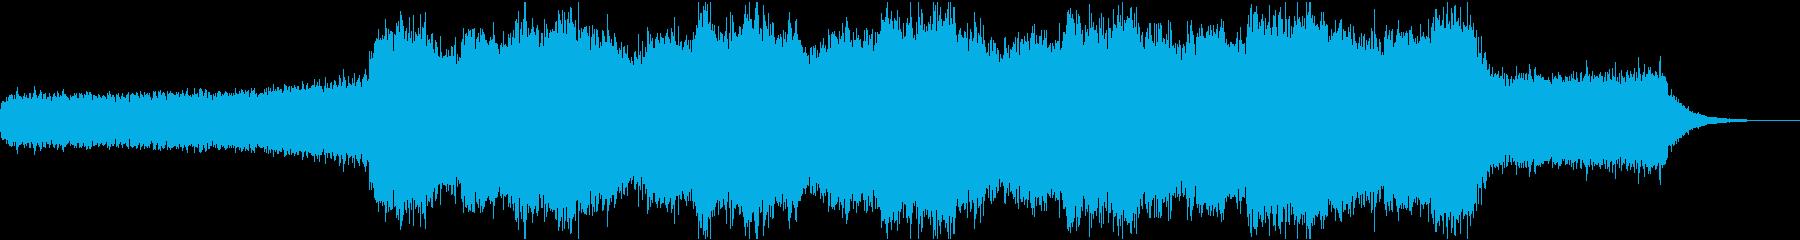 宇宙っぽい神秘的でシンセサイザーの曲の再生済みの波形